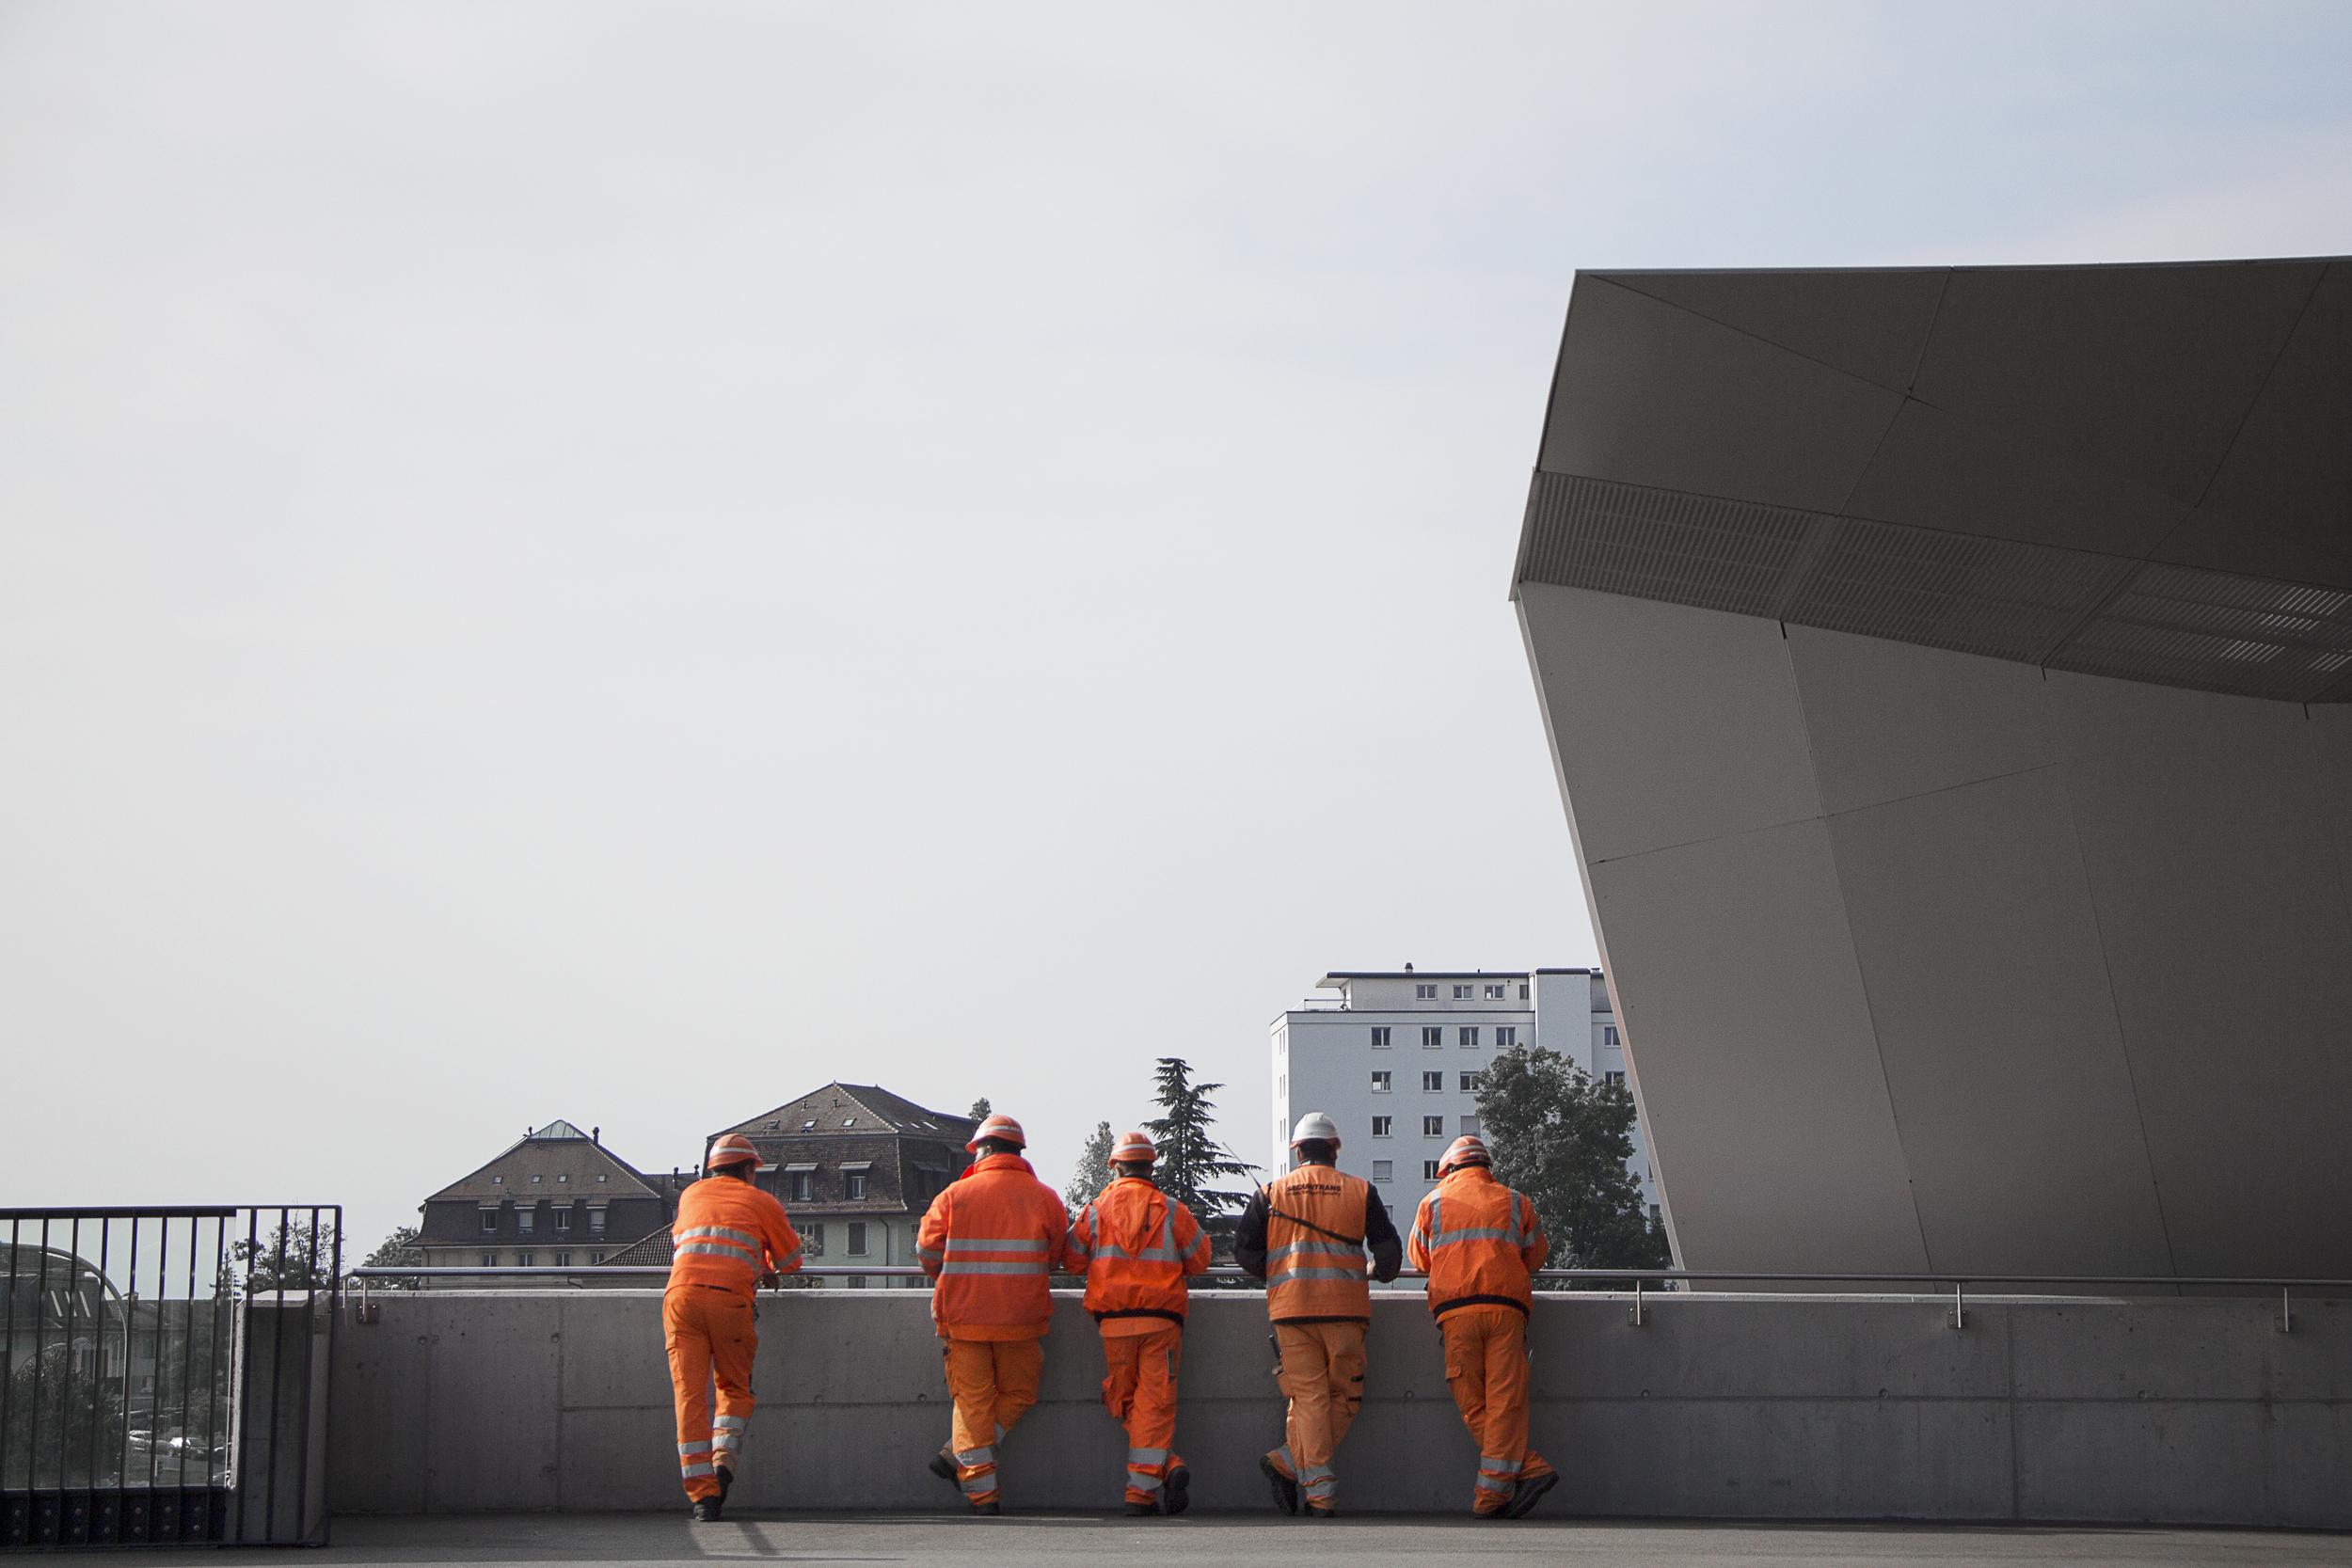 Malley_Orange_Workers_.jpg